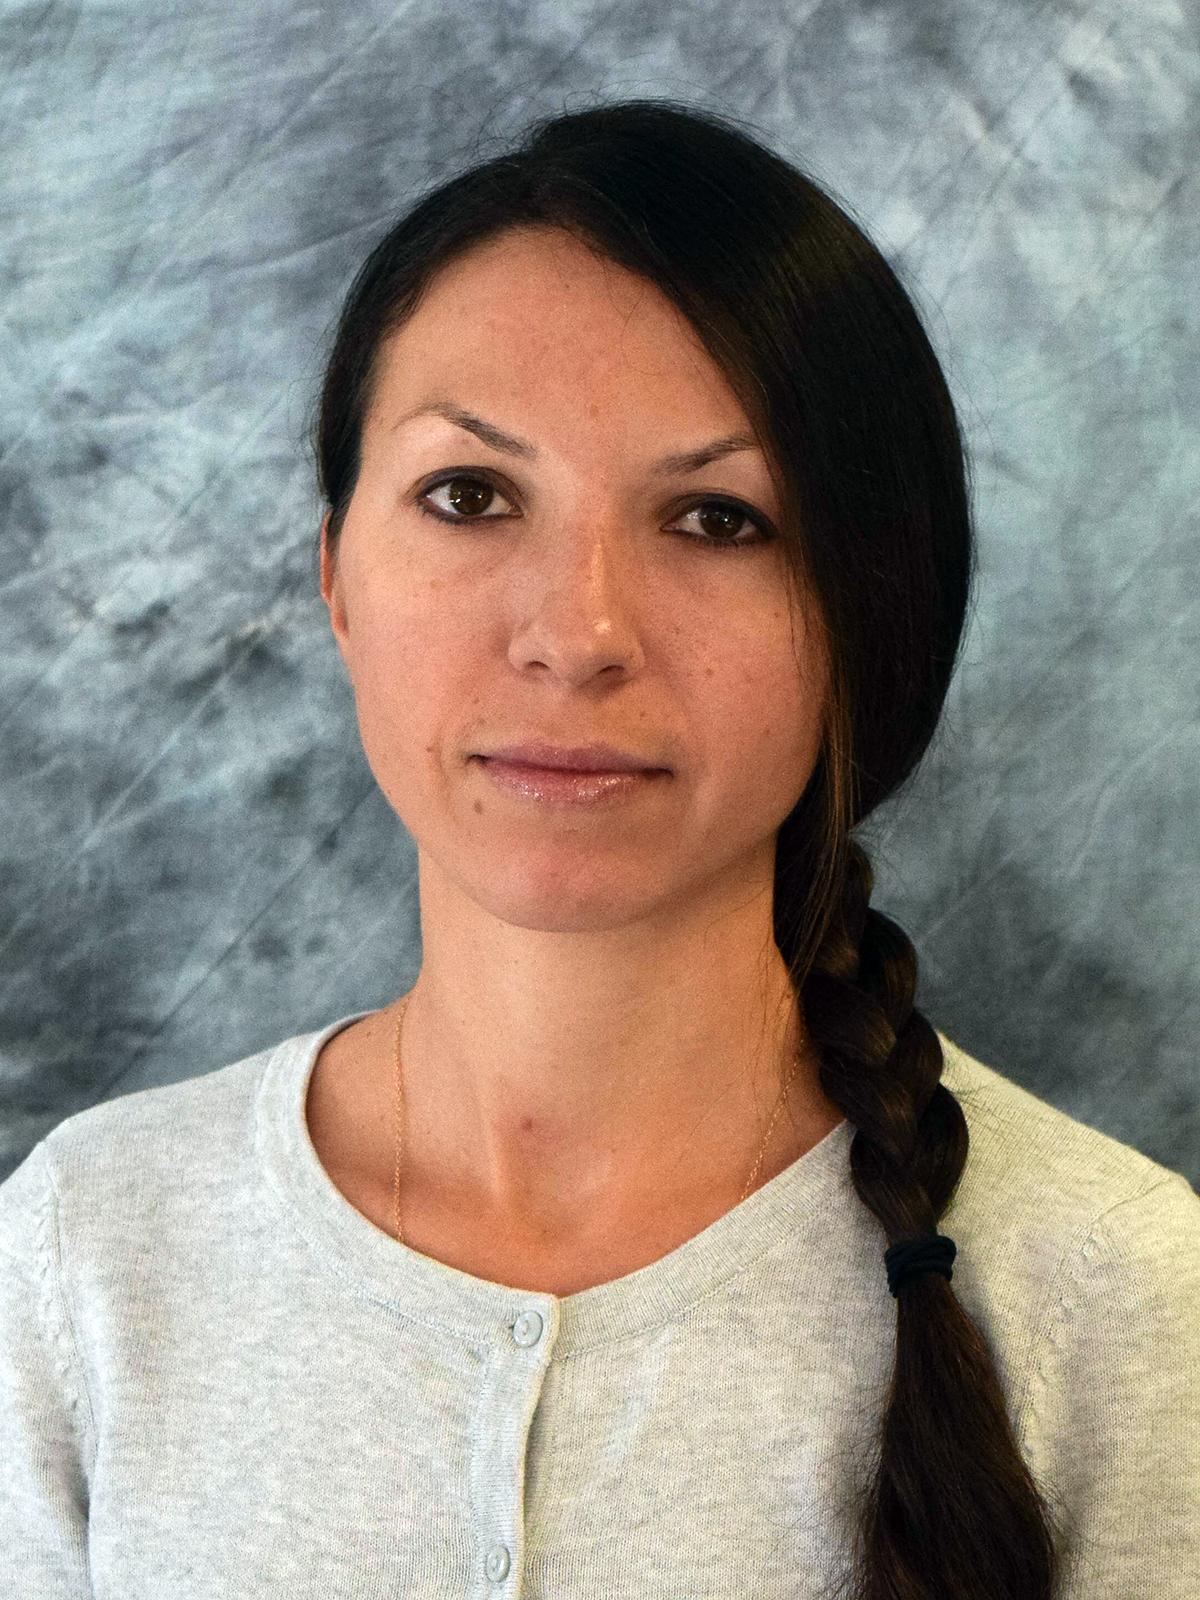 Evgeniia Belobrovkina